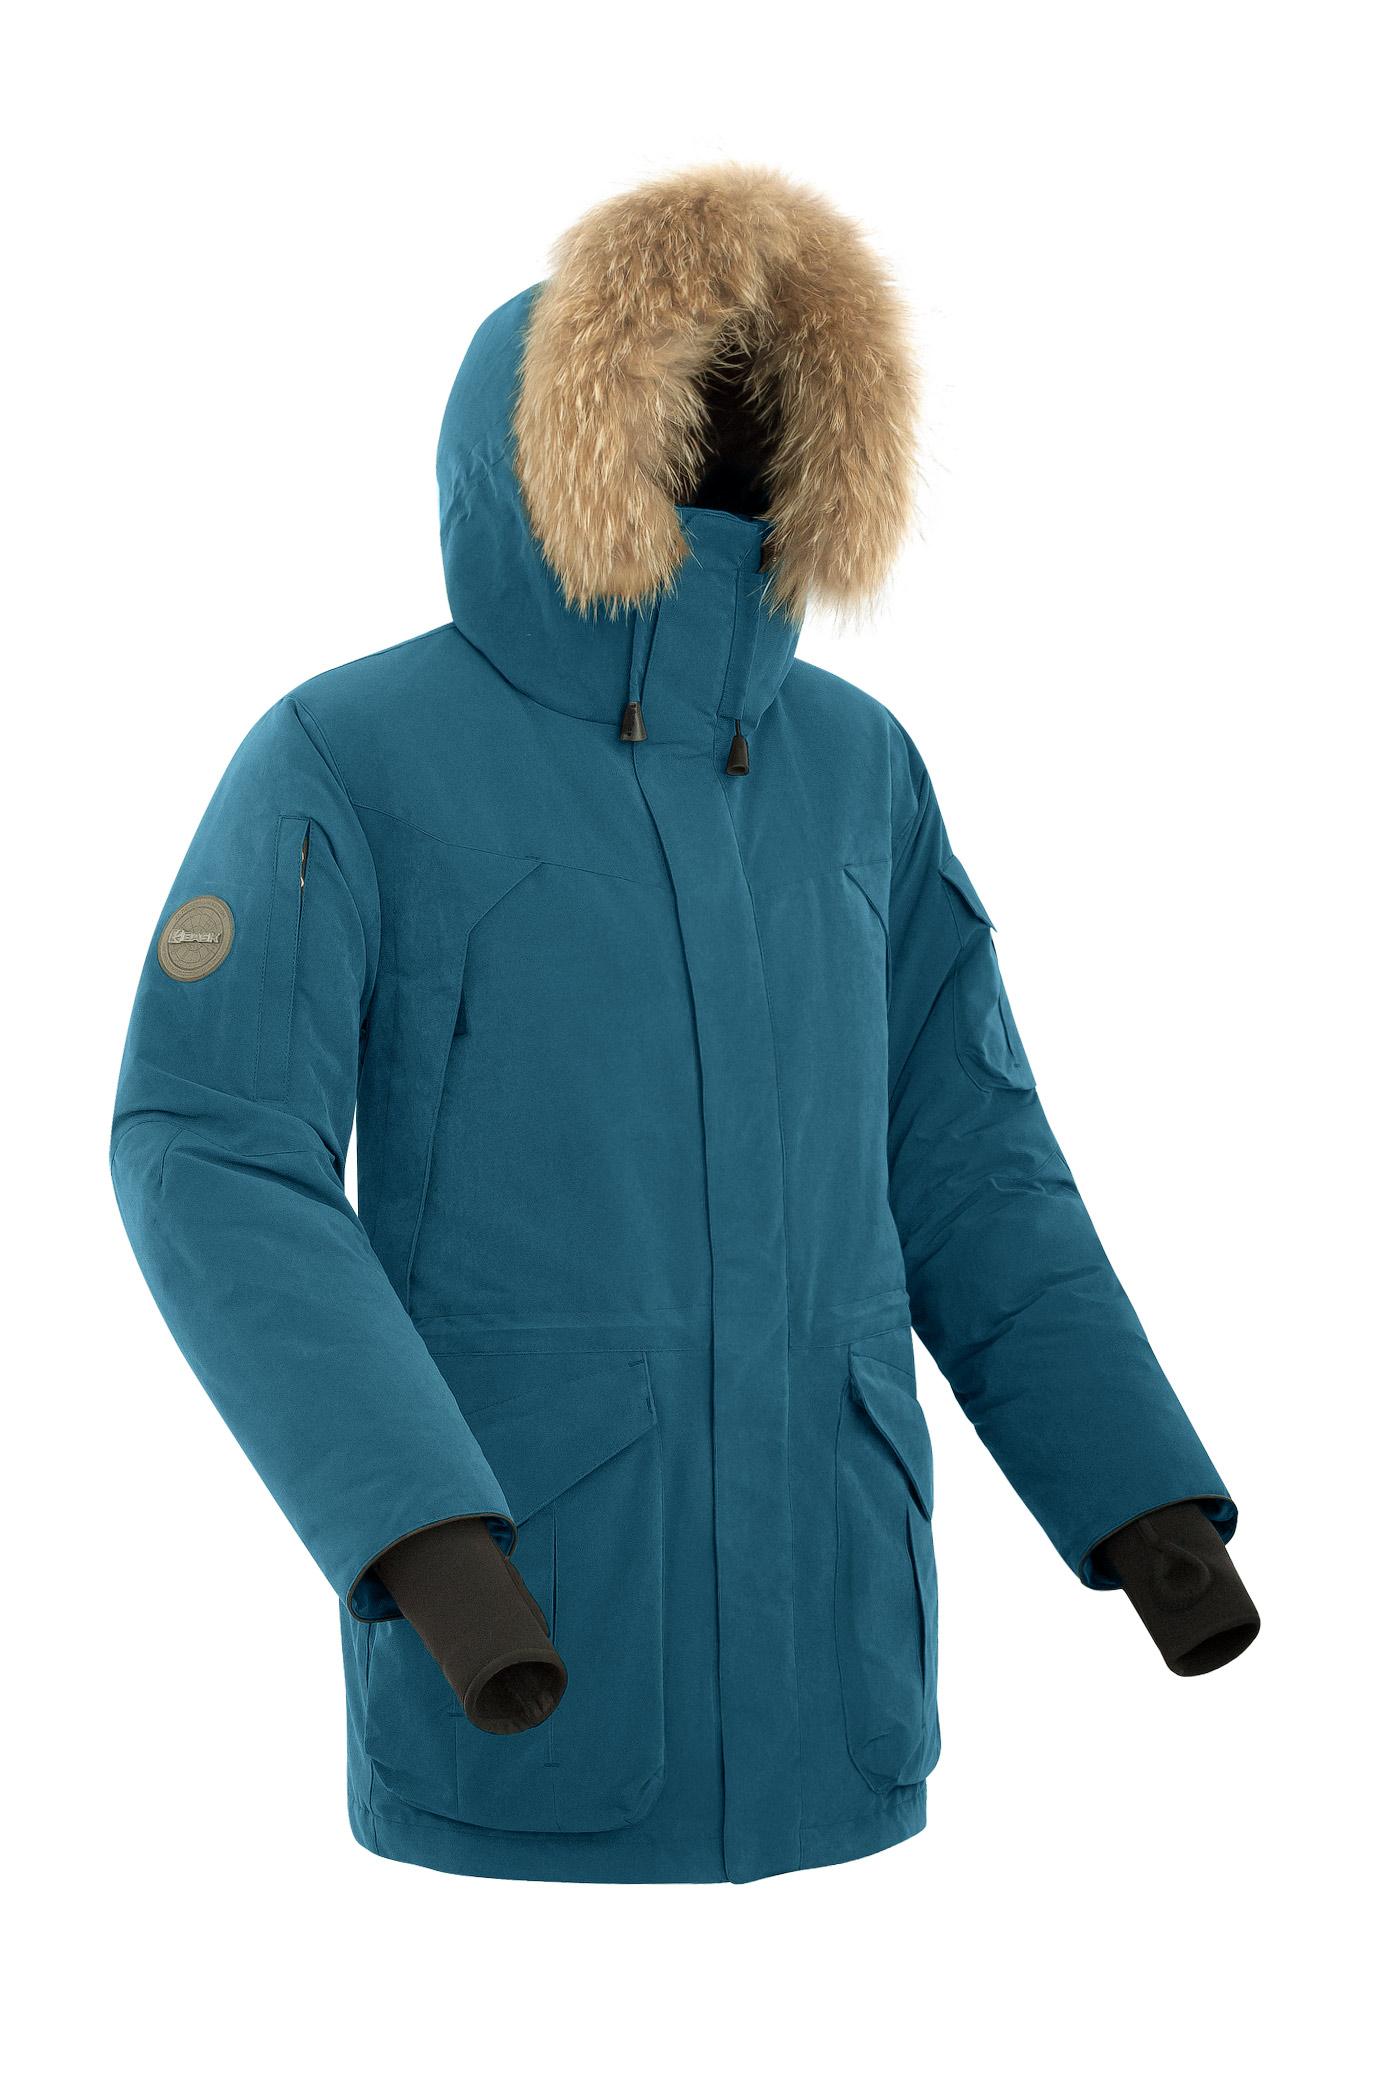 Куртка мужская Bask Alkor, синяя, 46 RU фото